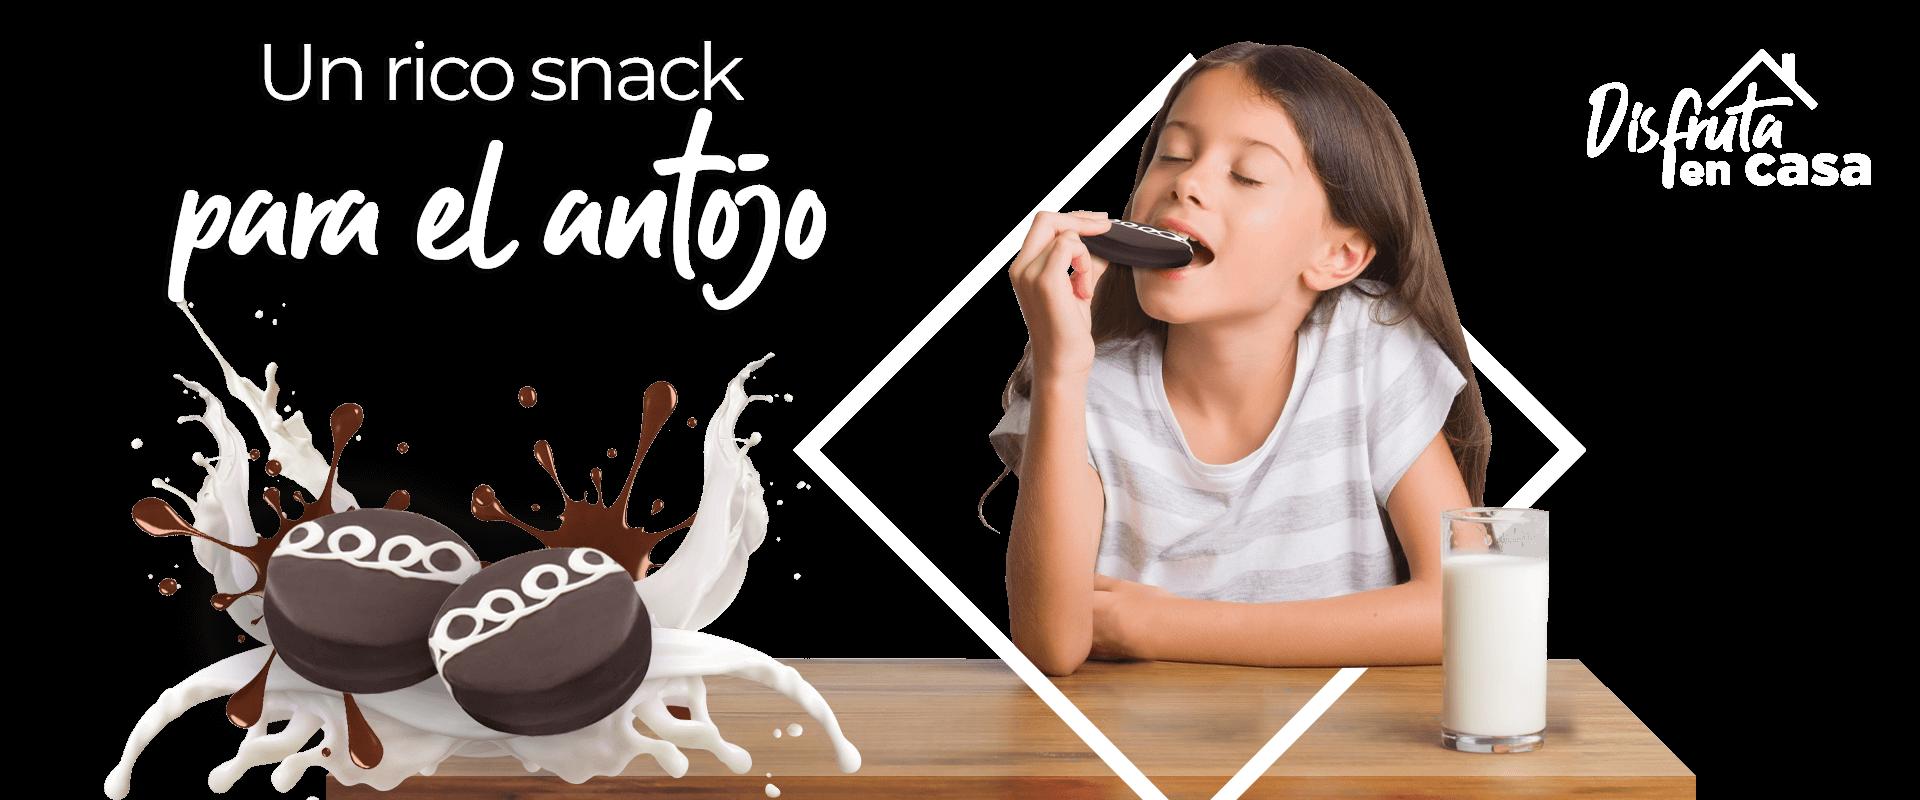 Nuevas Galletas Pingüinos Marinela, un rico snack para el antojo